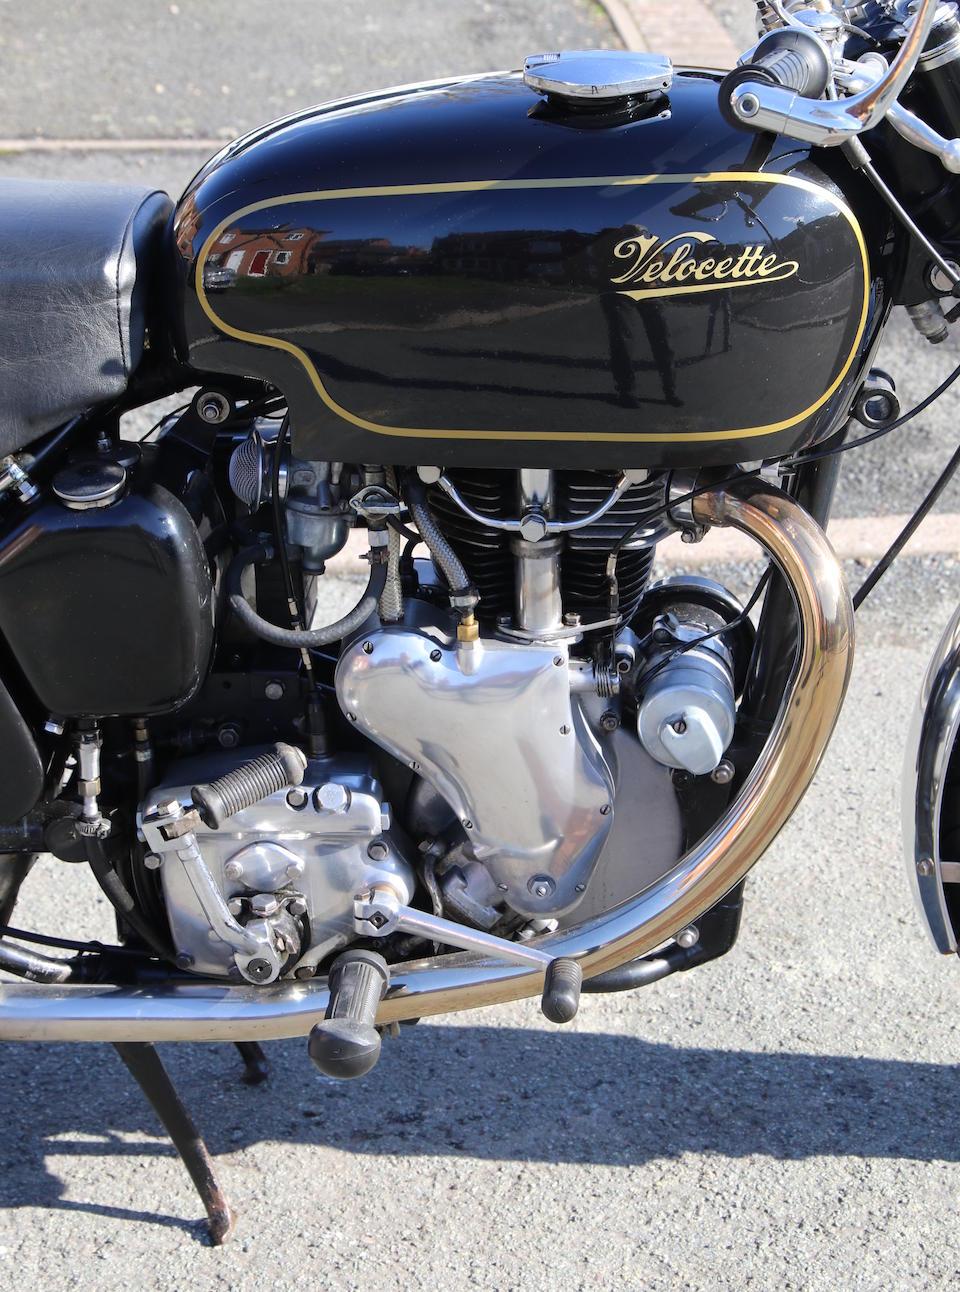 1961 Velocette 500cc Venom Frame no. RS-15911 Engine no. VM-4860